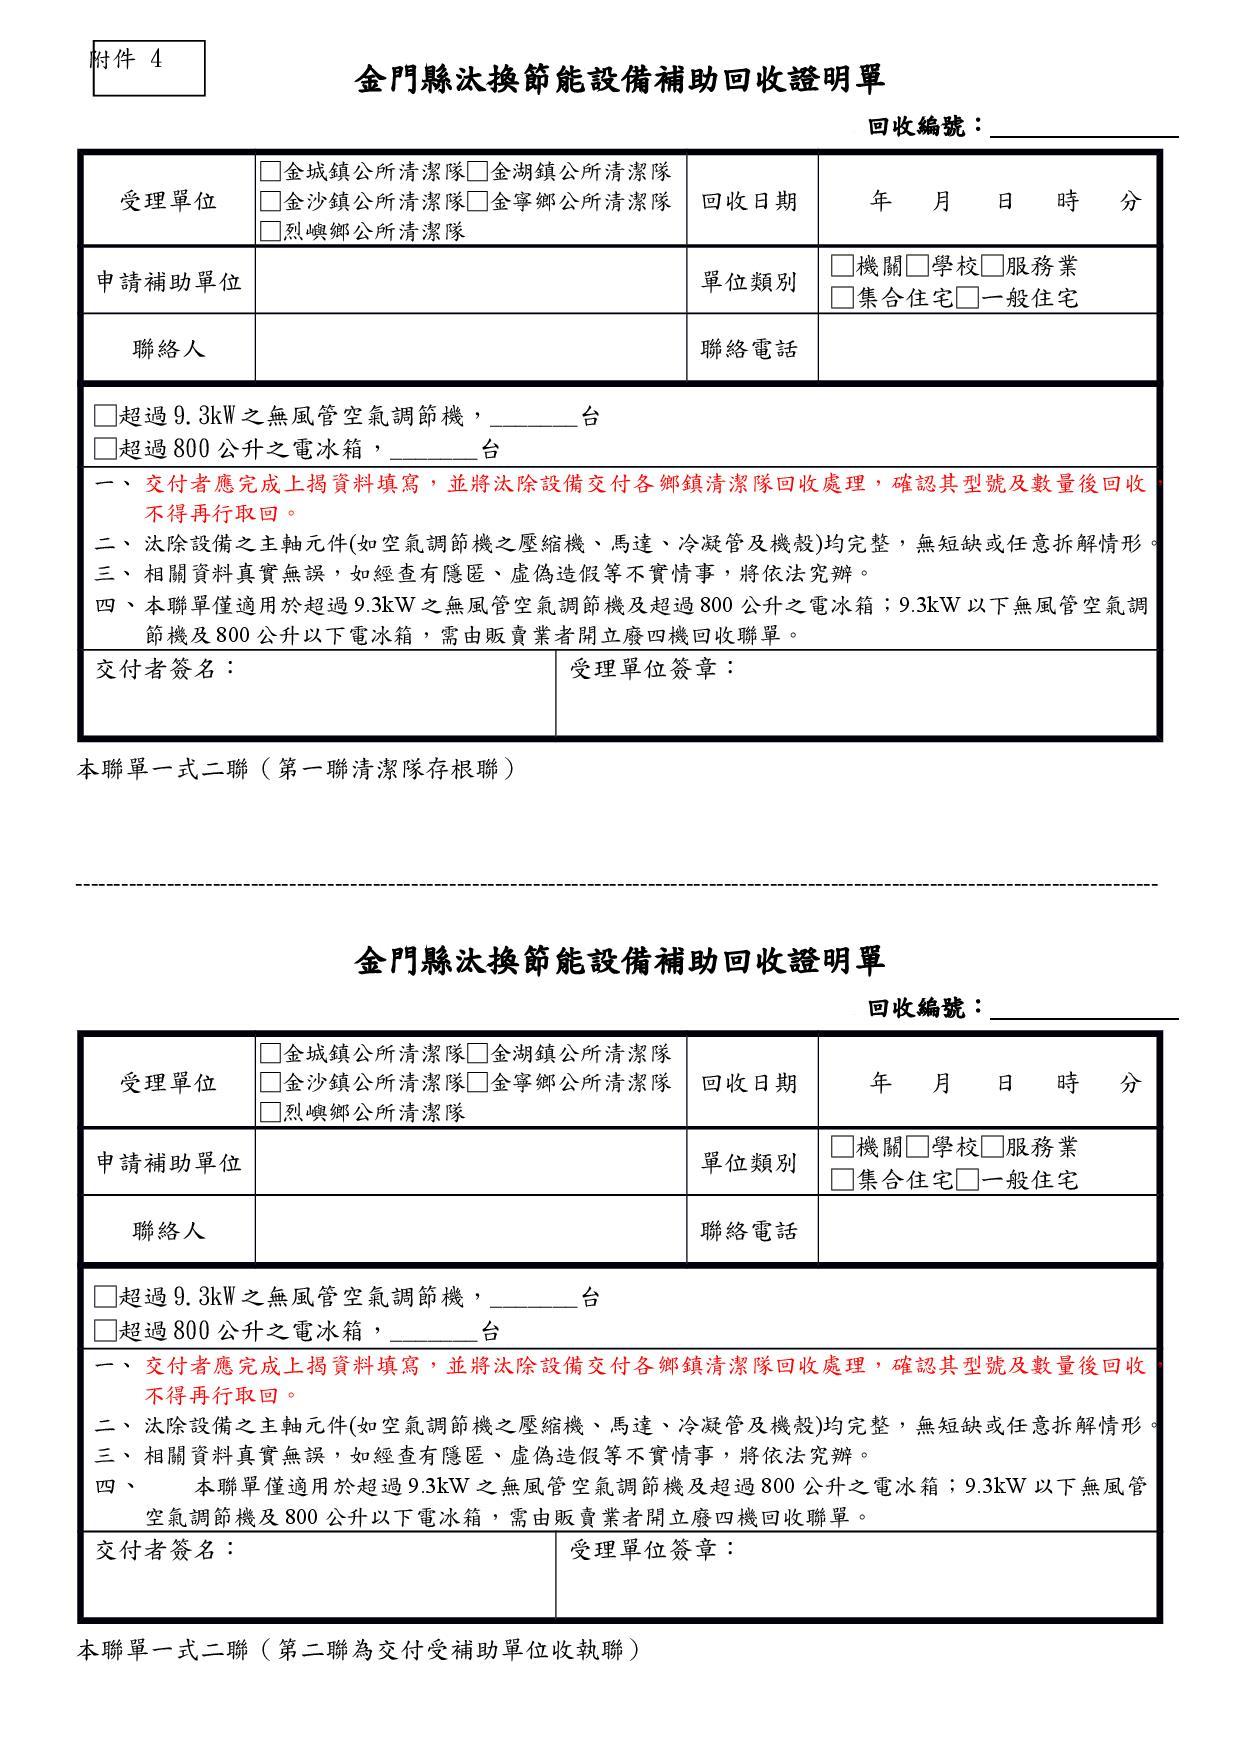 附件4 金門縣汰換節能設備補助回收證明單